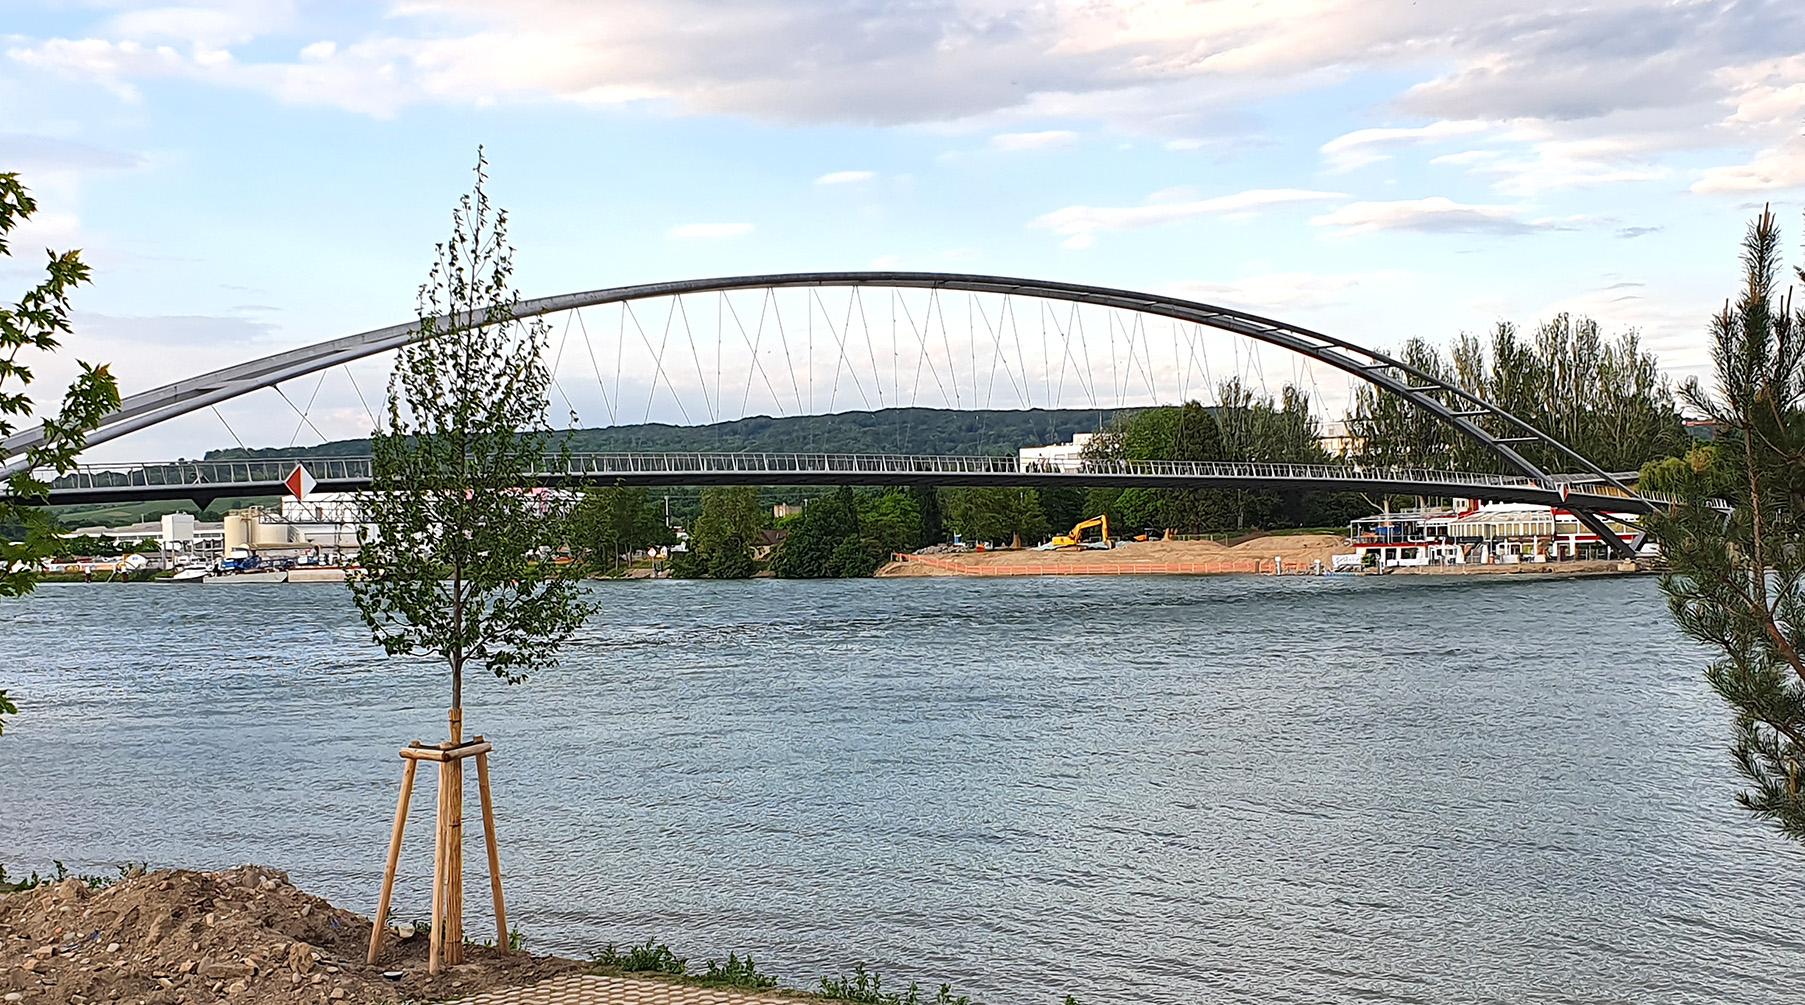 Dreilaenderbruecke bei Basel Grenzgänger zhaw-angewandtelinguistik